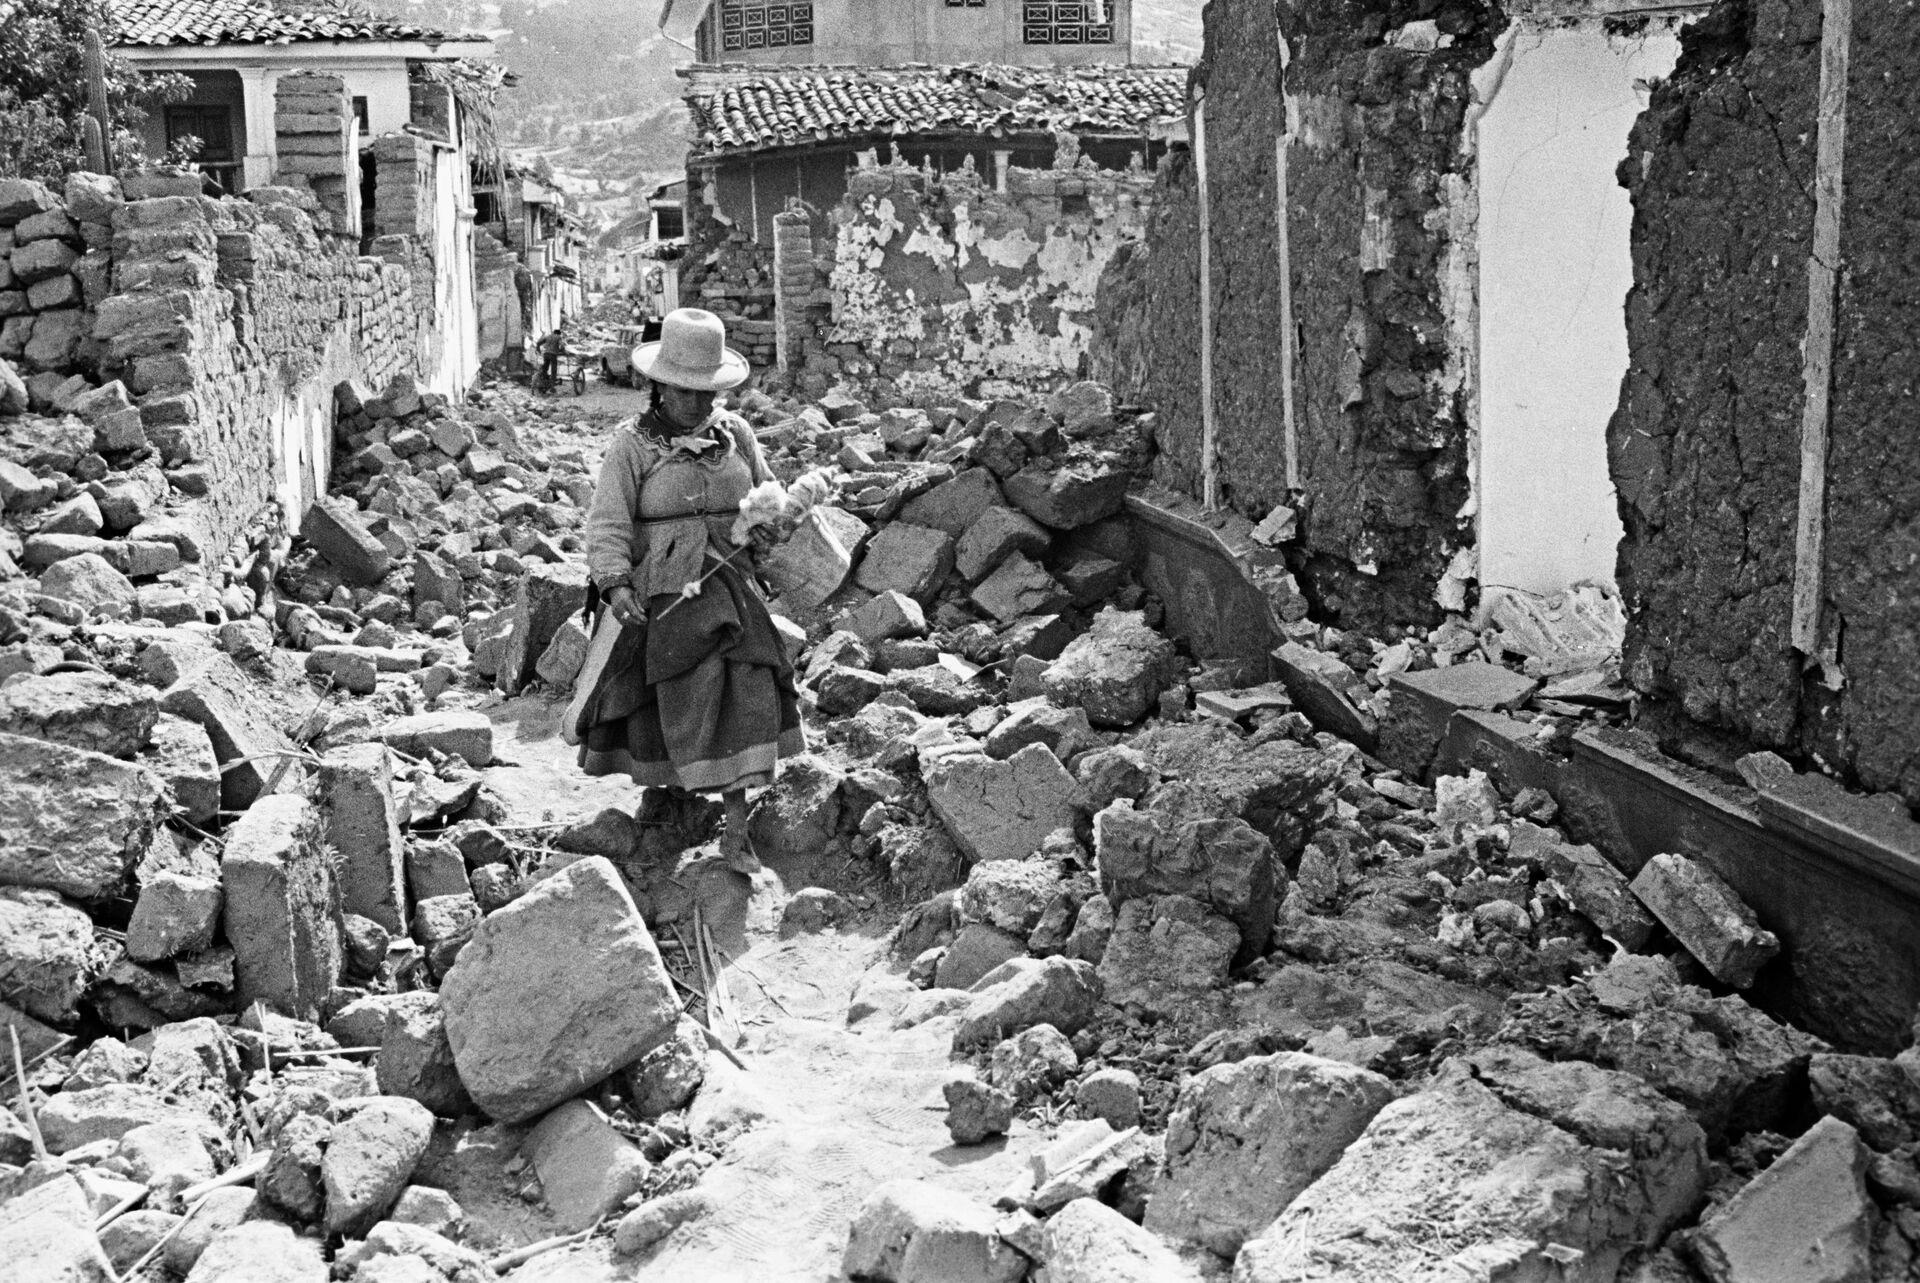 Руины города Уараса после землетрясения, произошедшего 31 мая 1970 года - РИА Новости, 1920, 11.12.2020